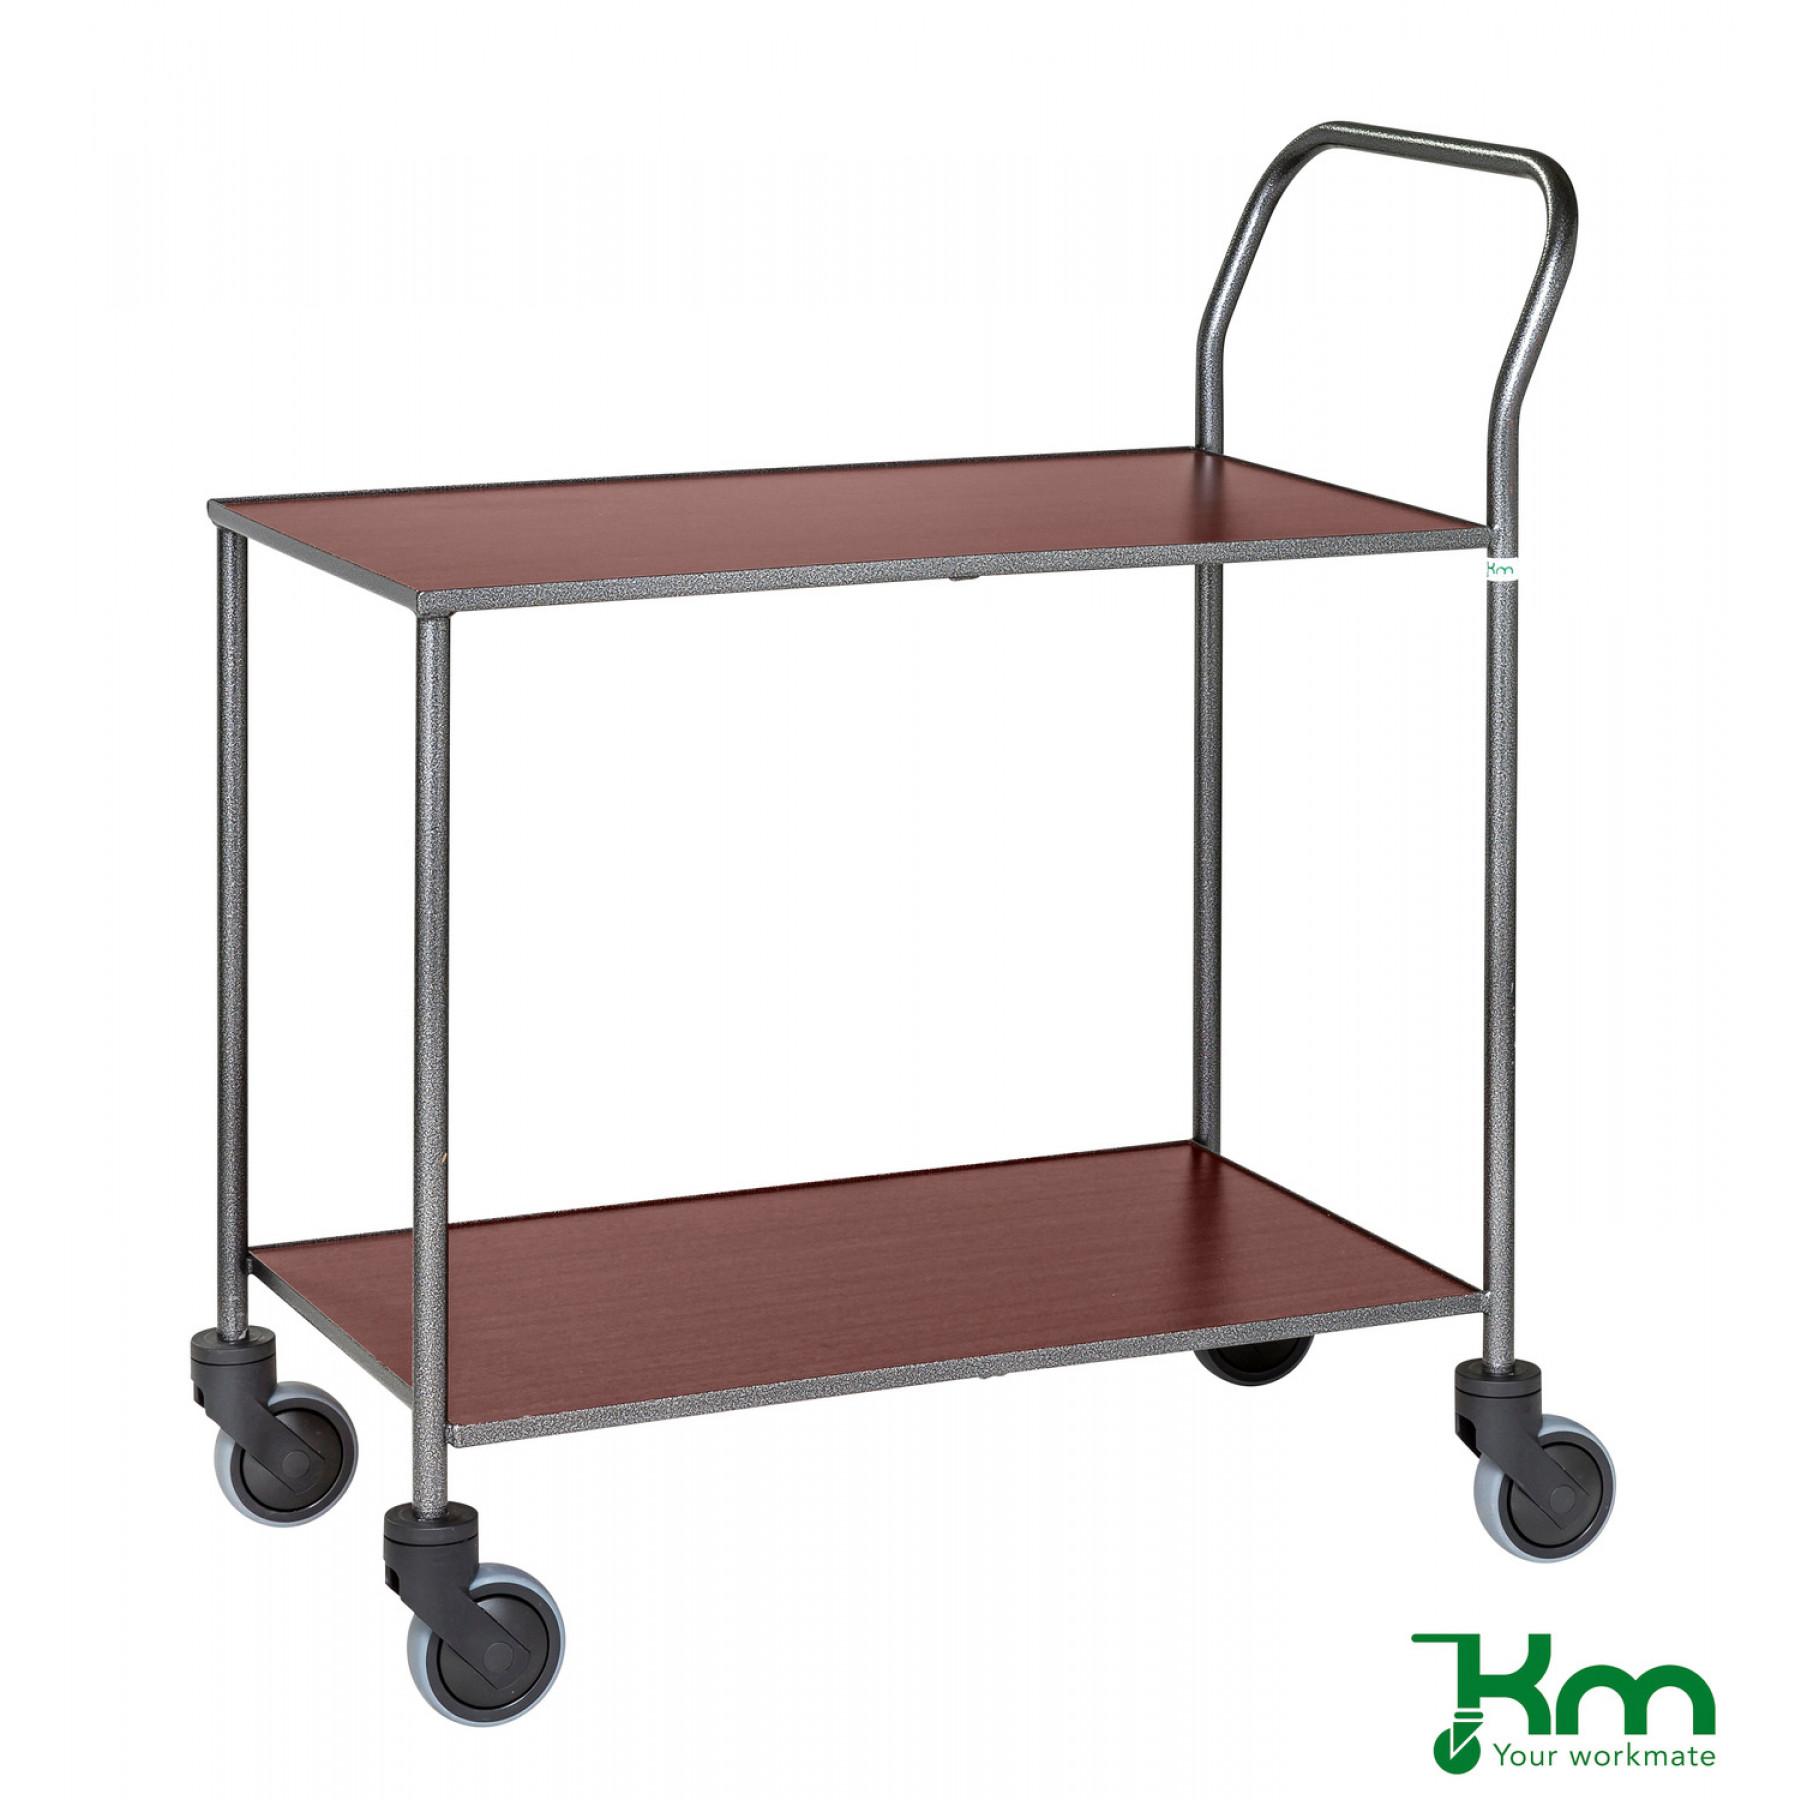 Design tafelwagen met mahoniestructuur toplaag, KM 972-MA